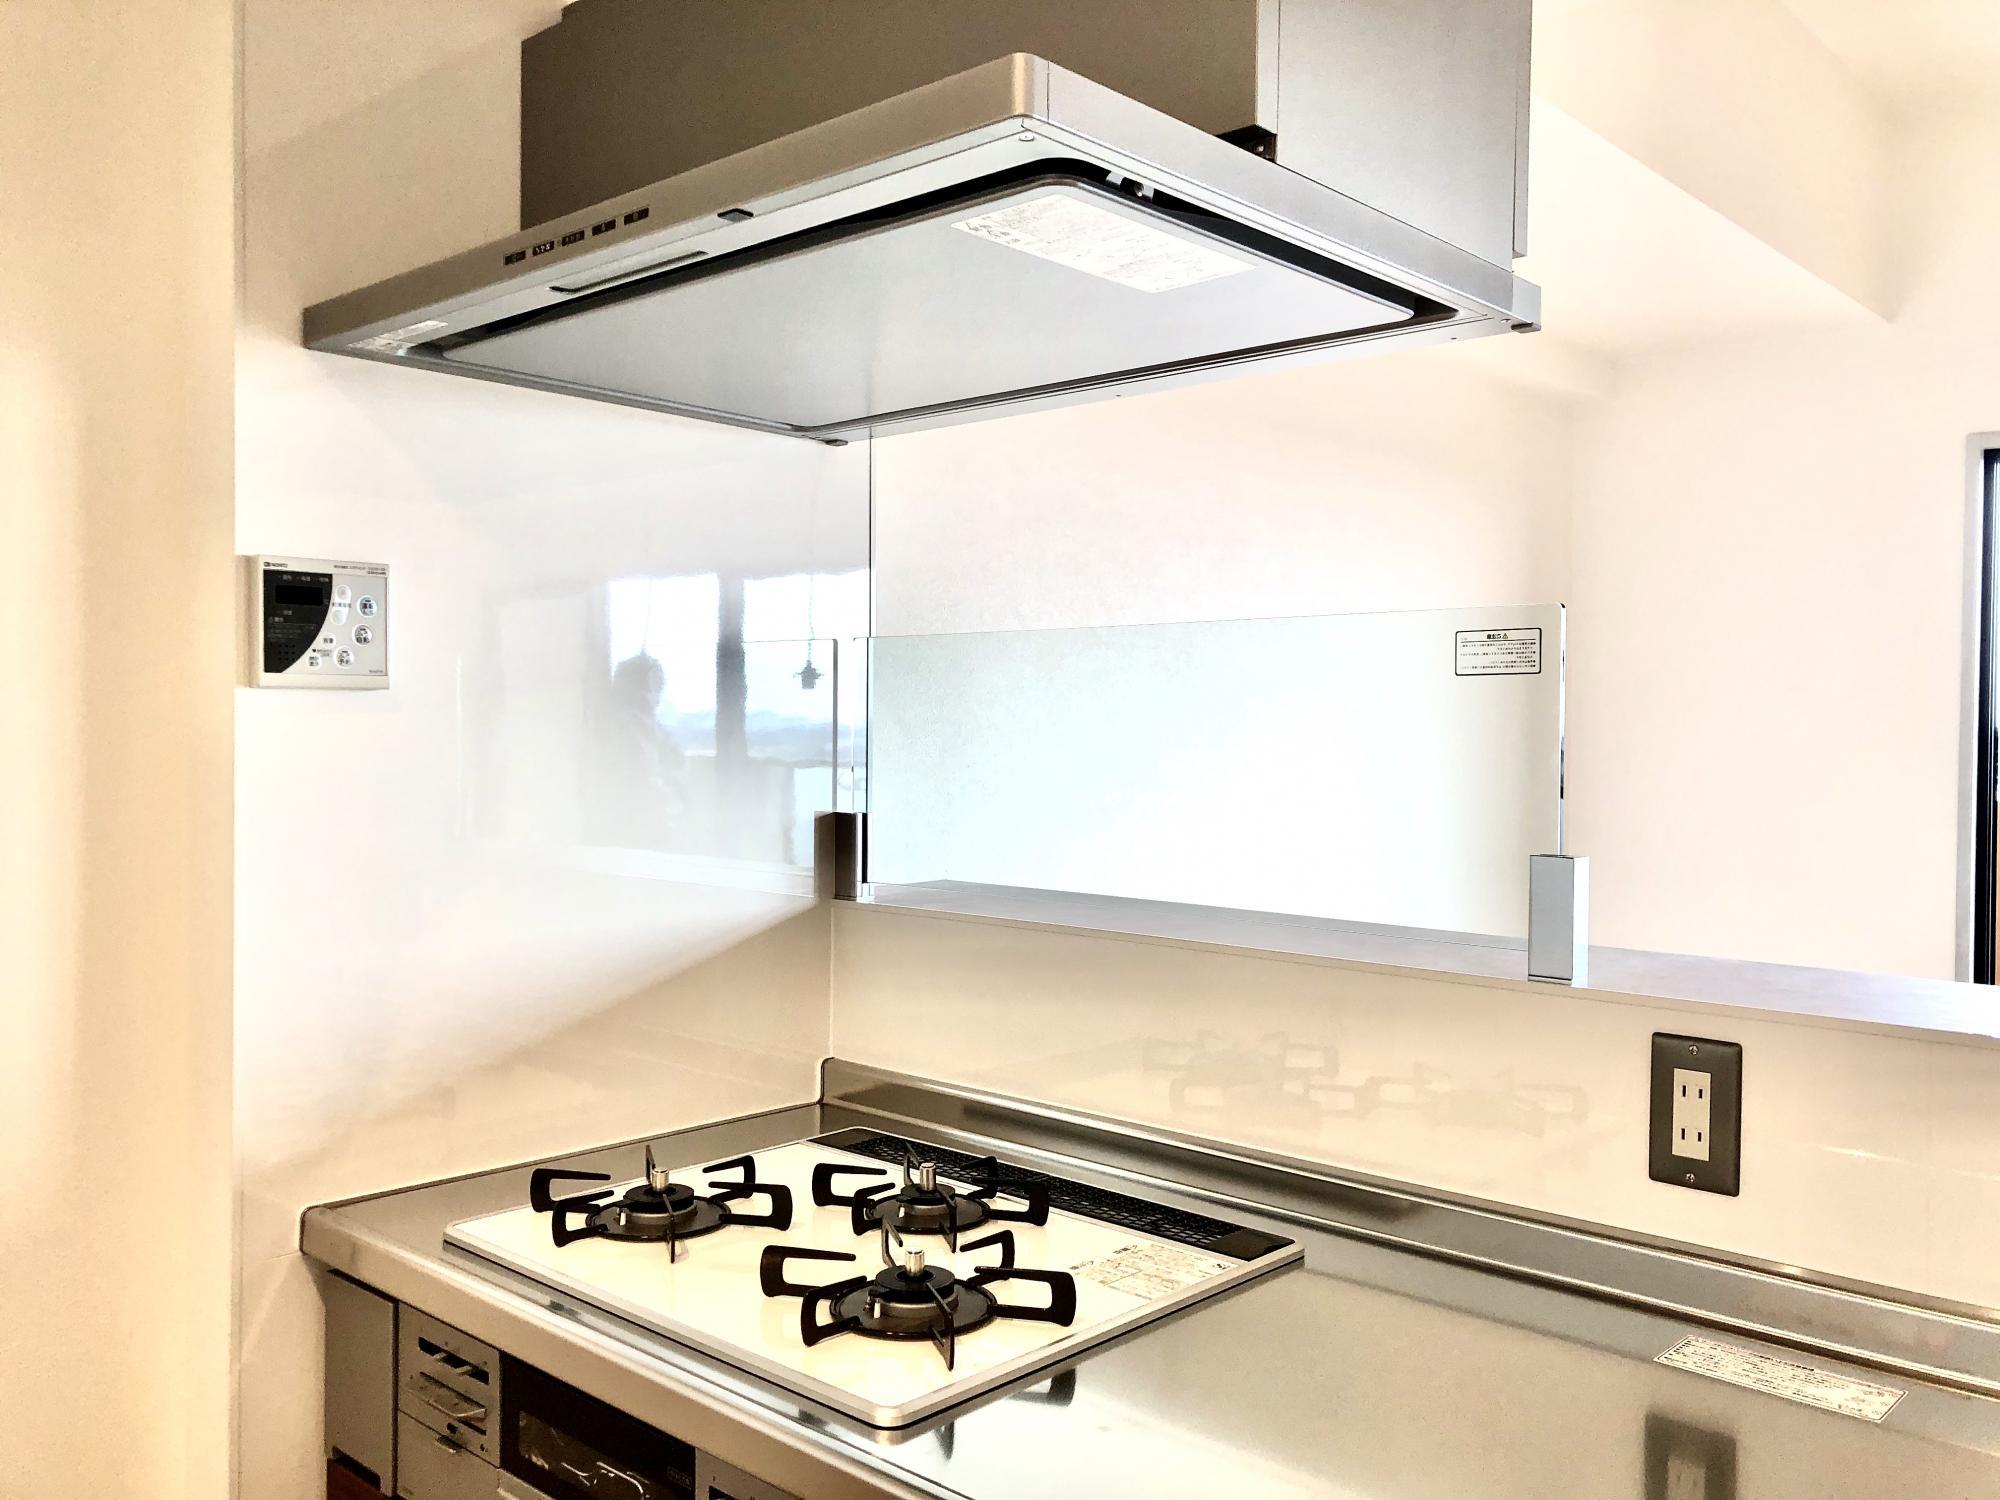 通常はキッチンに向かってコンロの奥側には壁があるのですが、圧迫感があることとデザイン性を重視して壁をなくしました。スッキリ見渡せるため随分と開放感を感じます。とはいえ、油が跳ねたり飛んだりすることはありますので、デザイン性と機能性のバランスを考慮してガラス製の壁を採用しました。